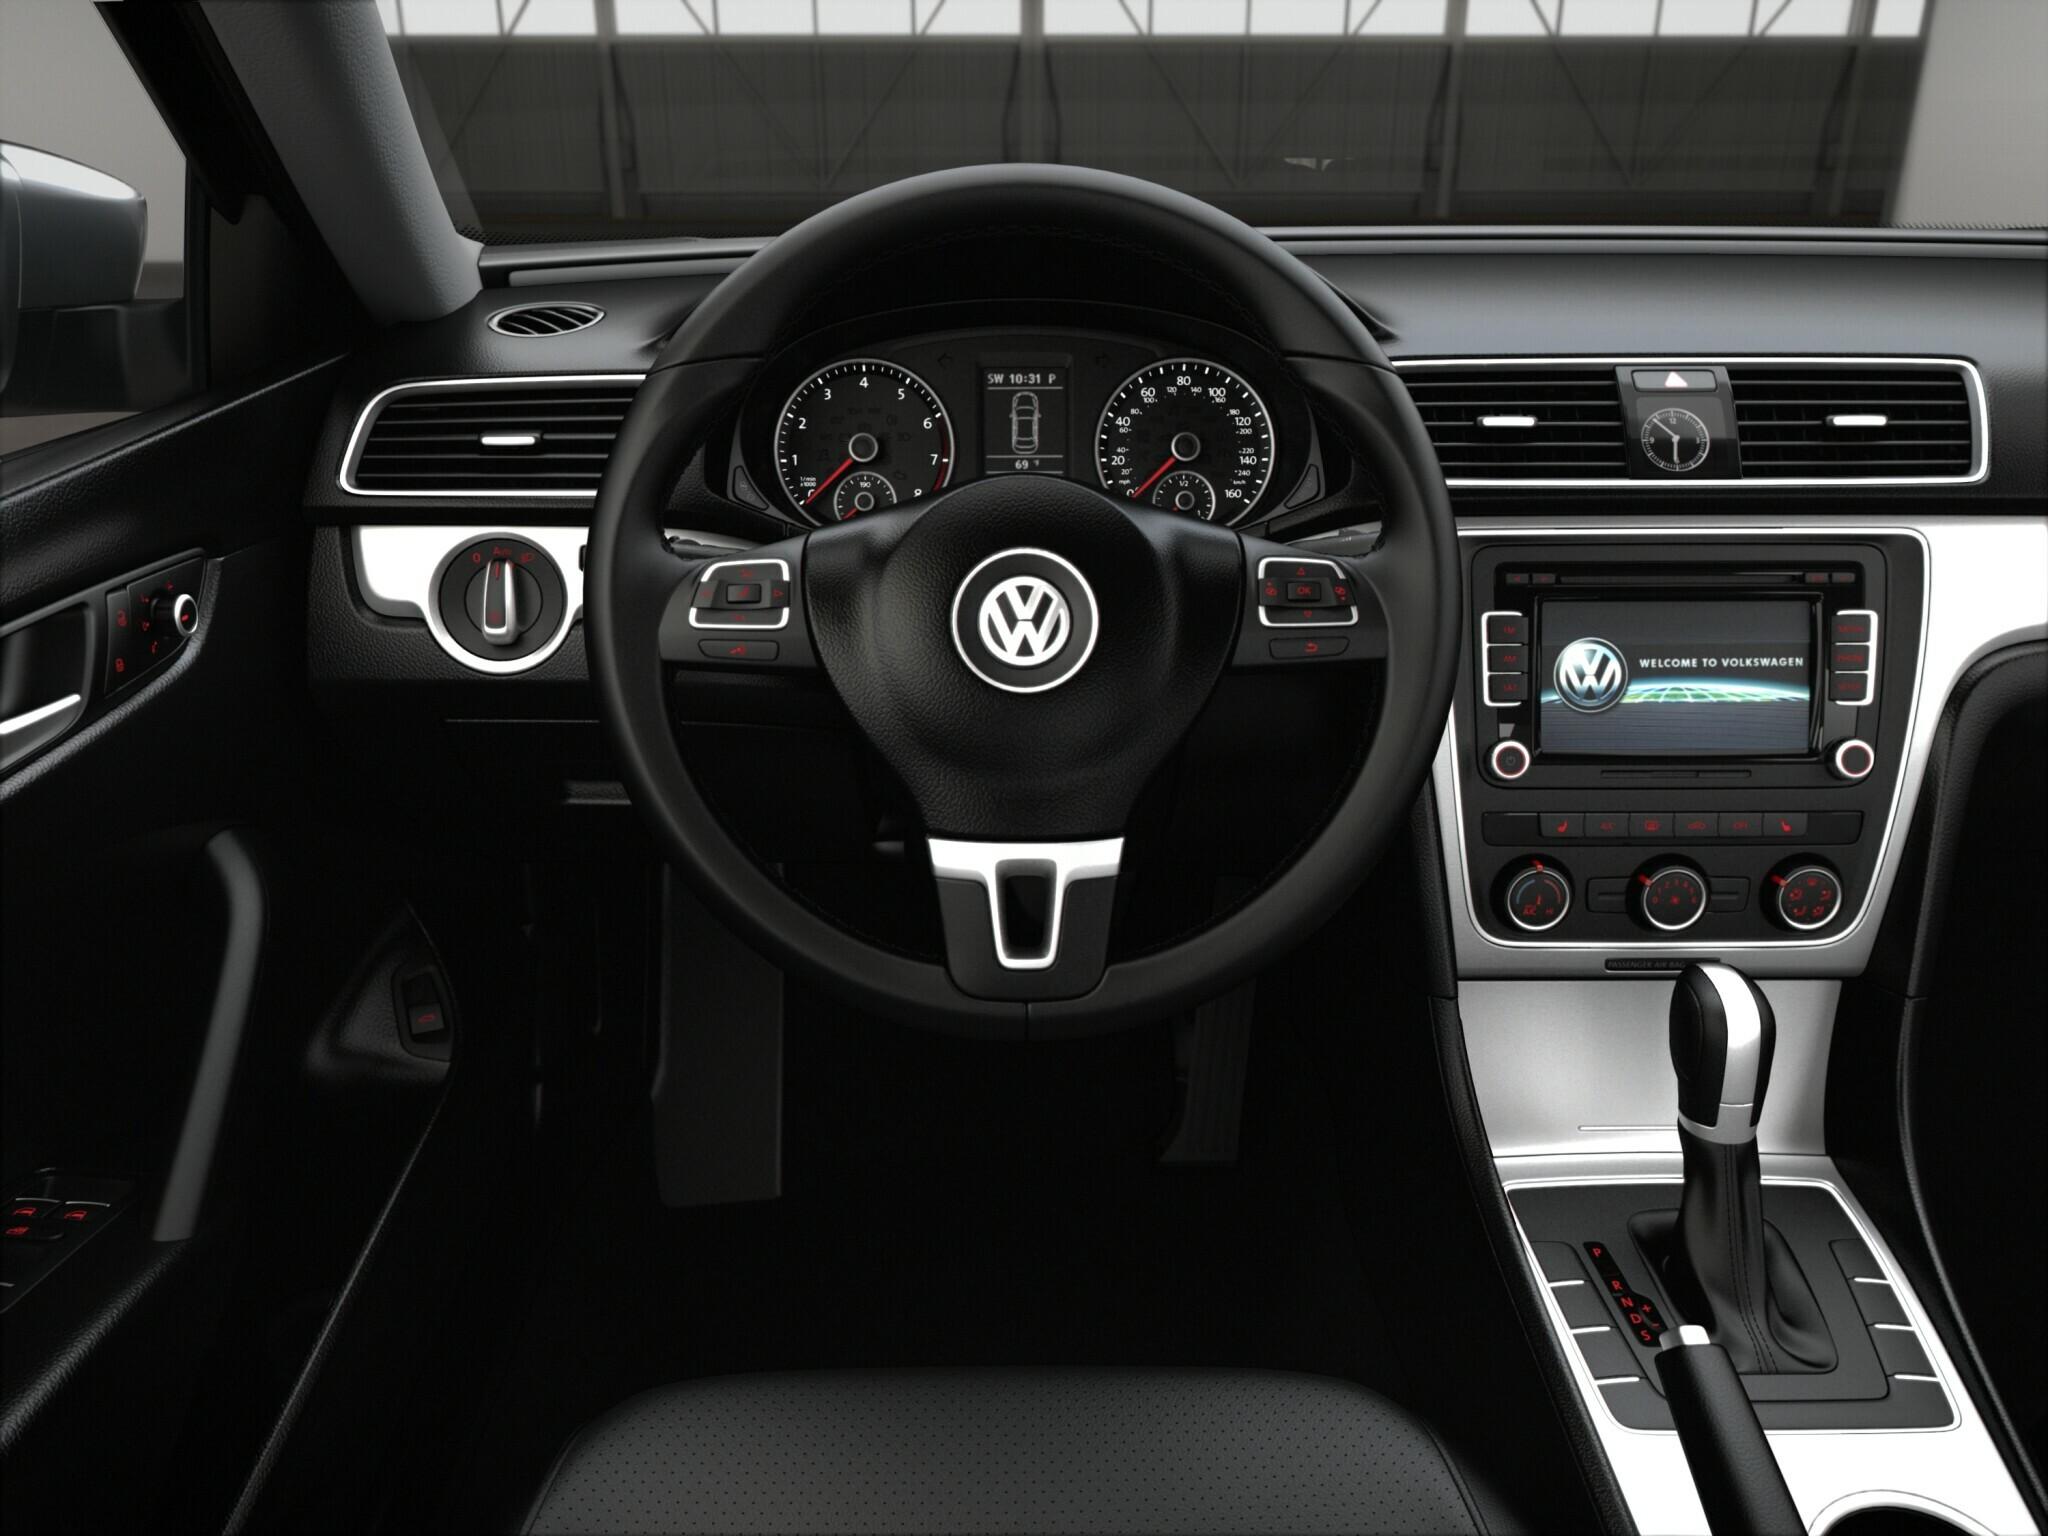 2015 VW Passat 1.8T SE Trim Features | Volkswagen